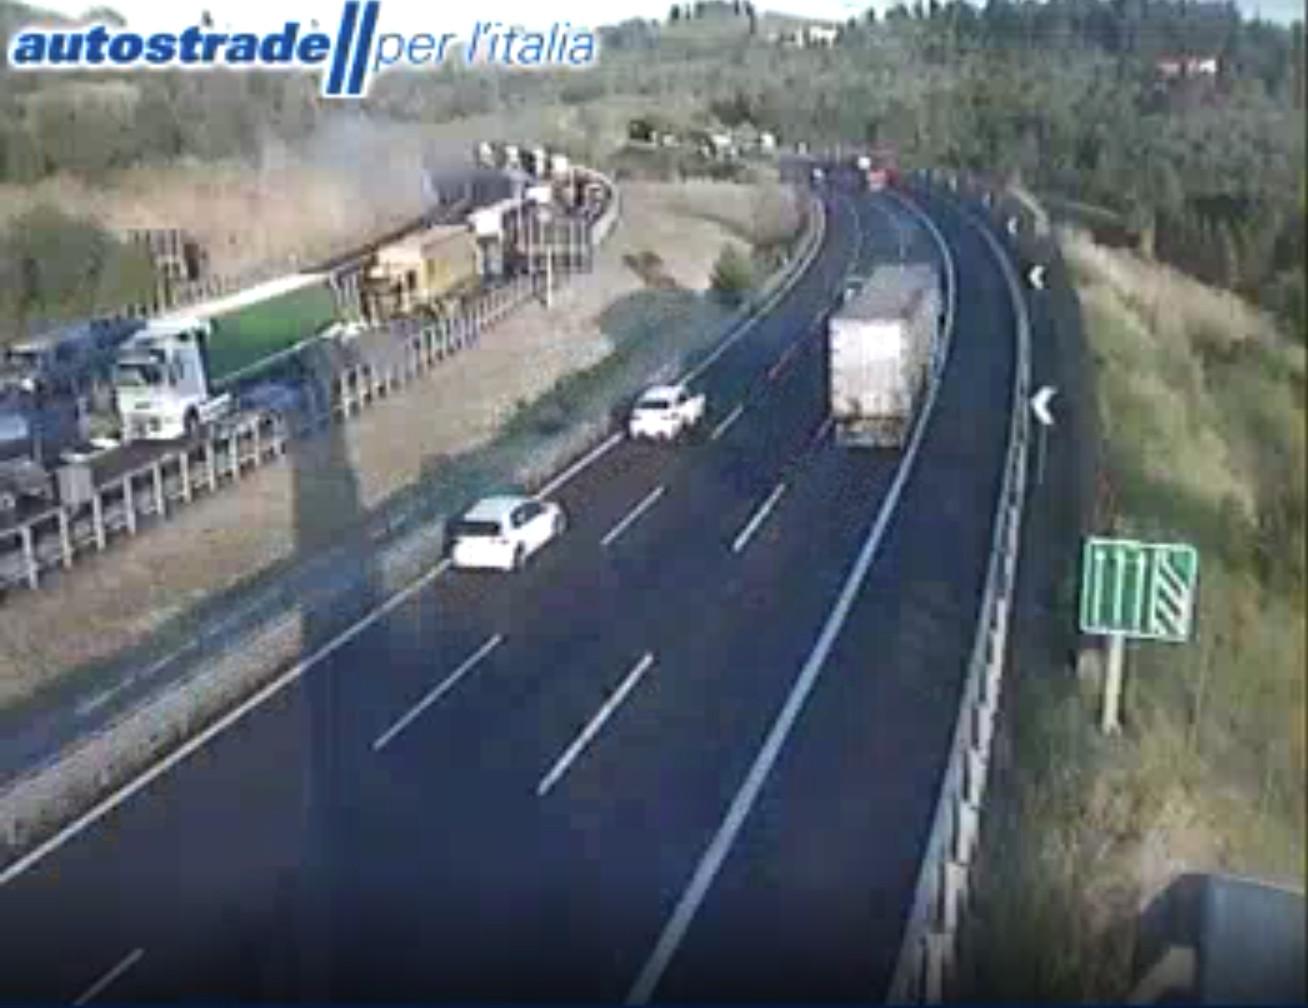 Webcam autostrade